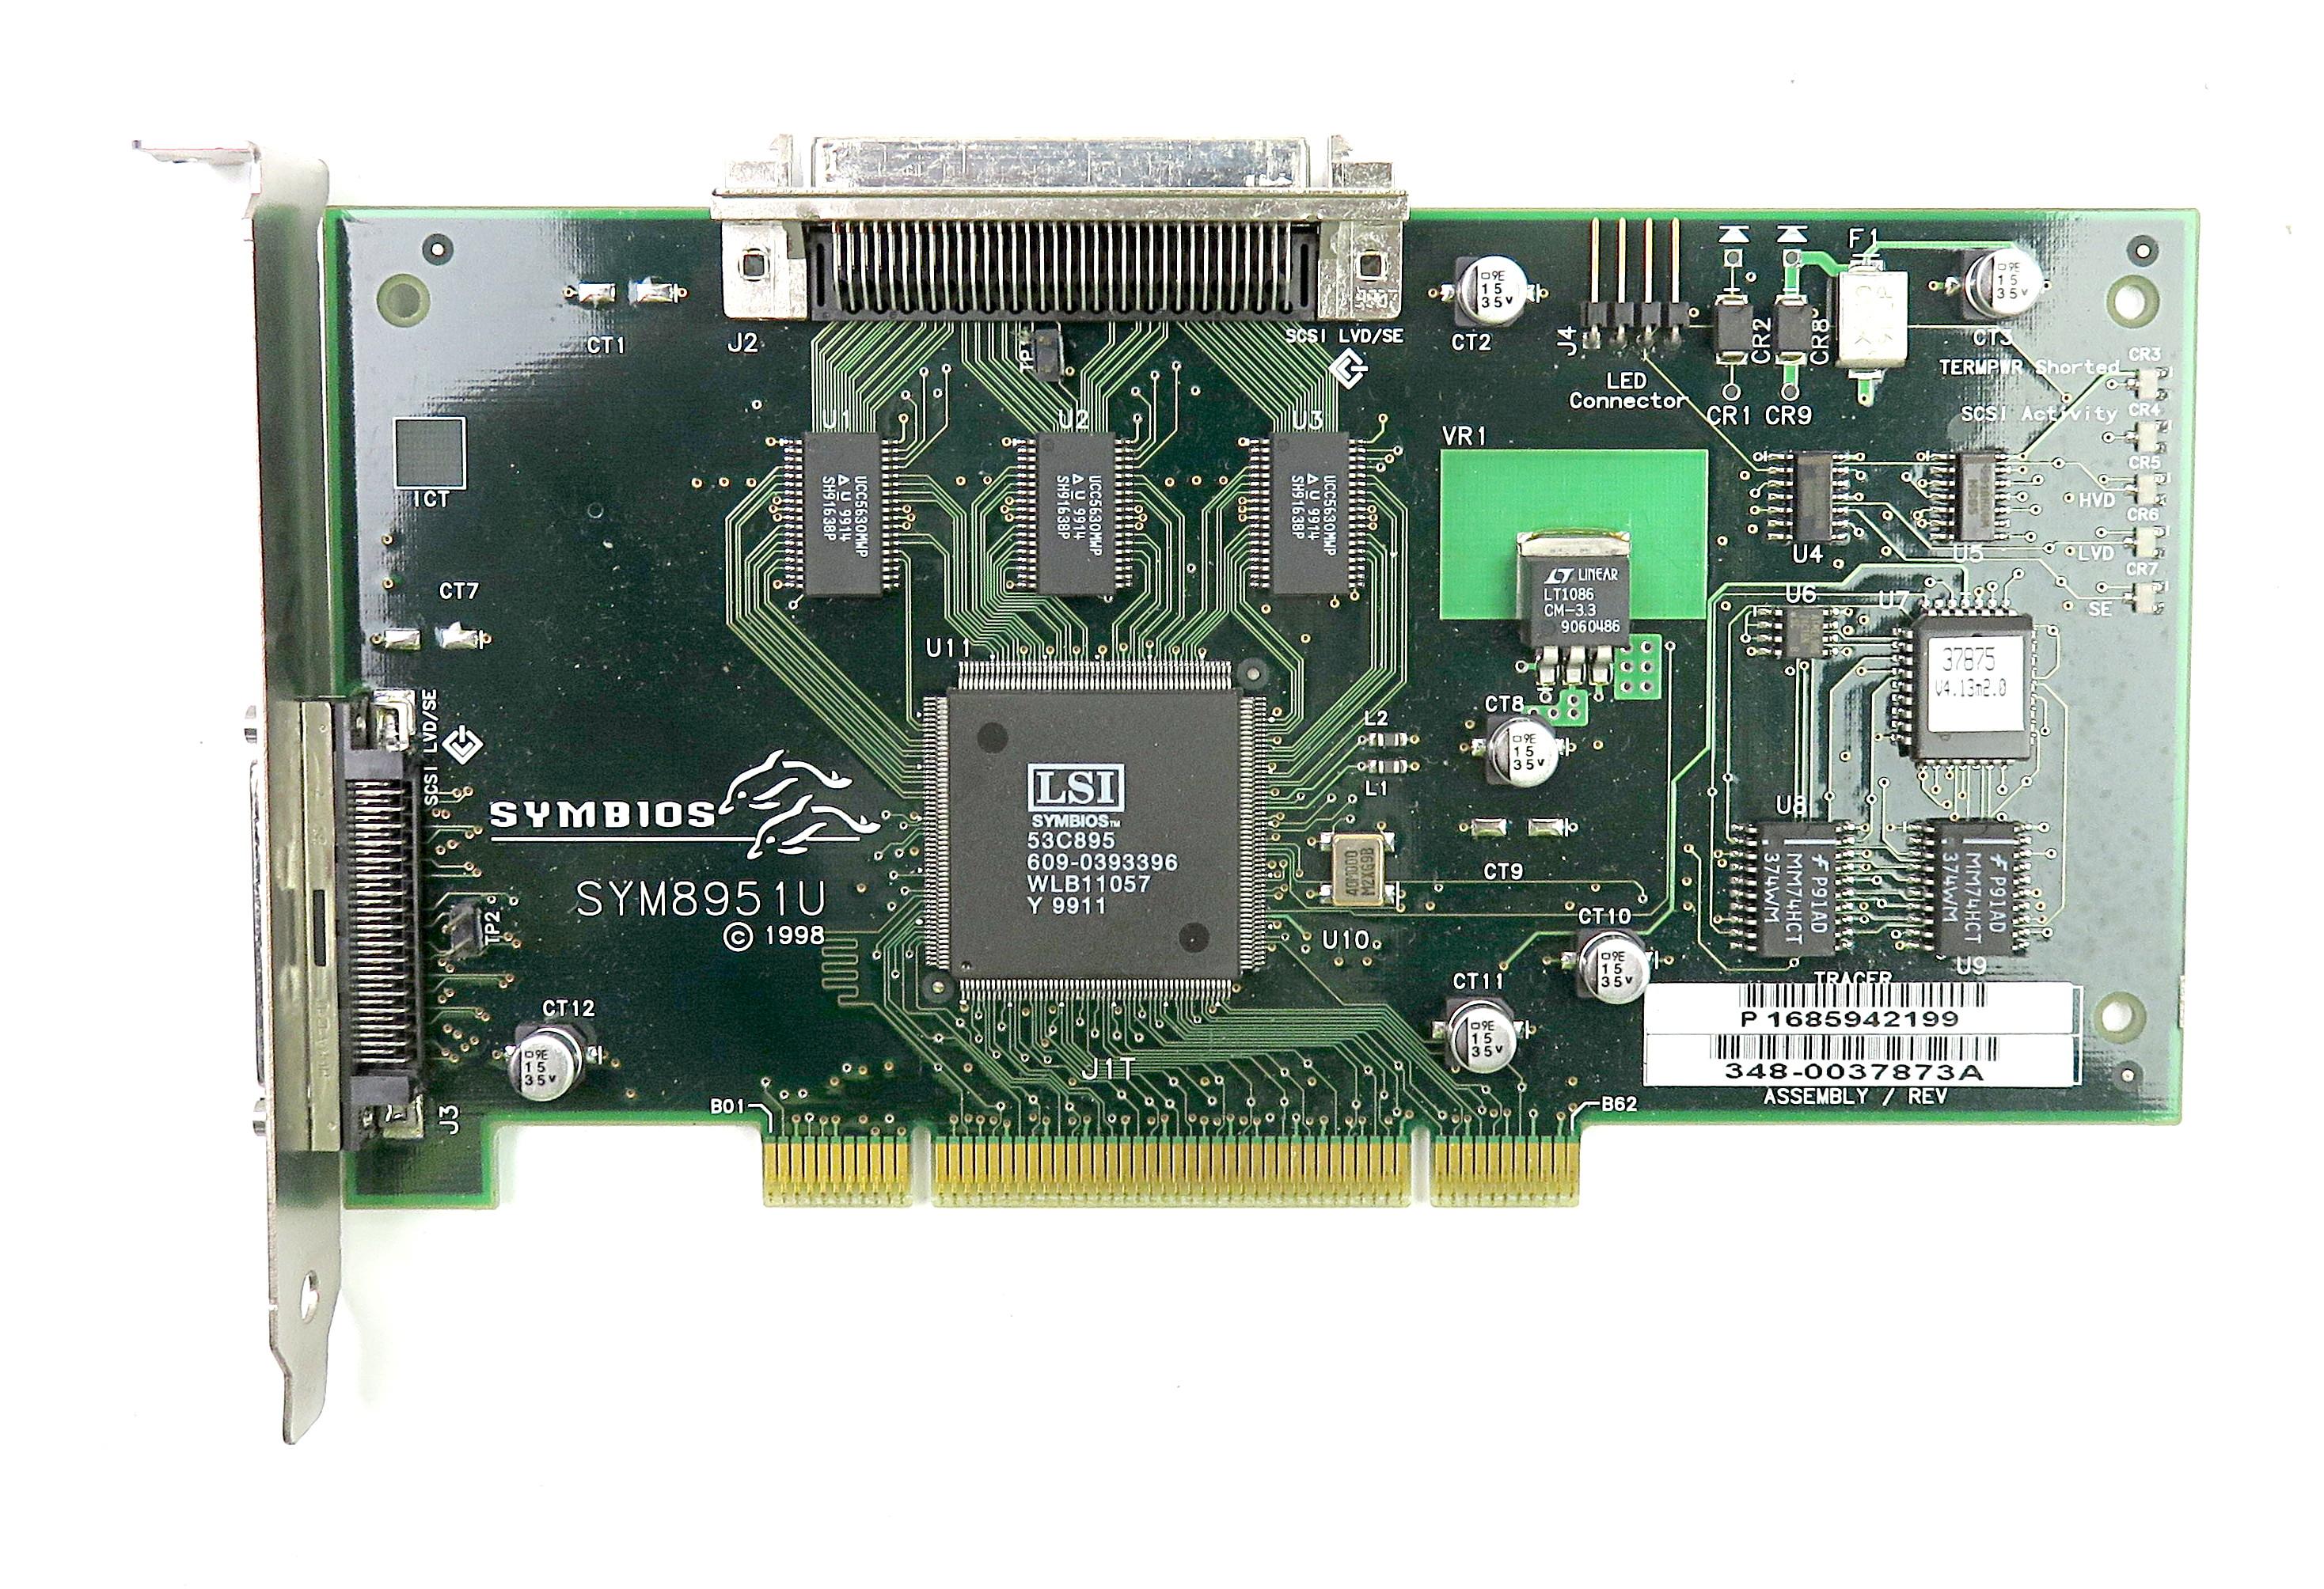 SYMBIOS SYM8951U PCI Ultra-2 LVD/SE SCSI Controller Card 348-0037873A